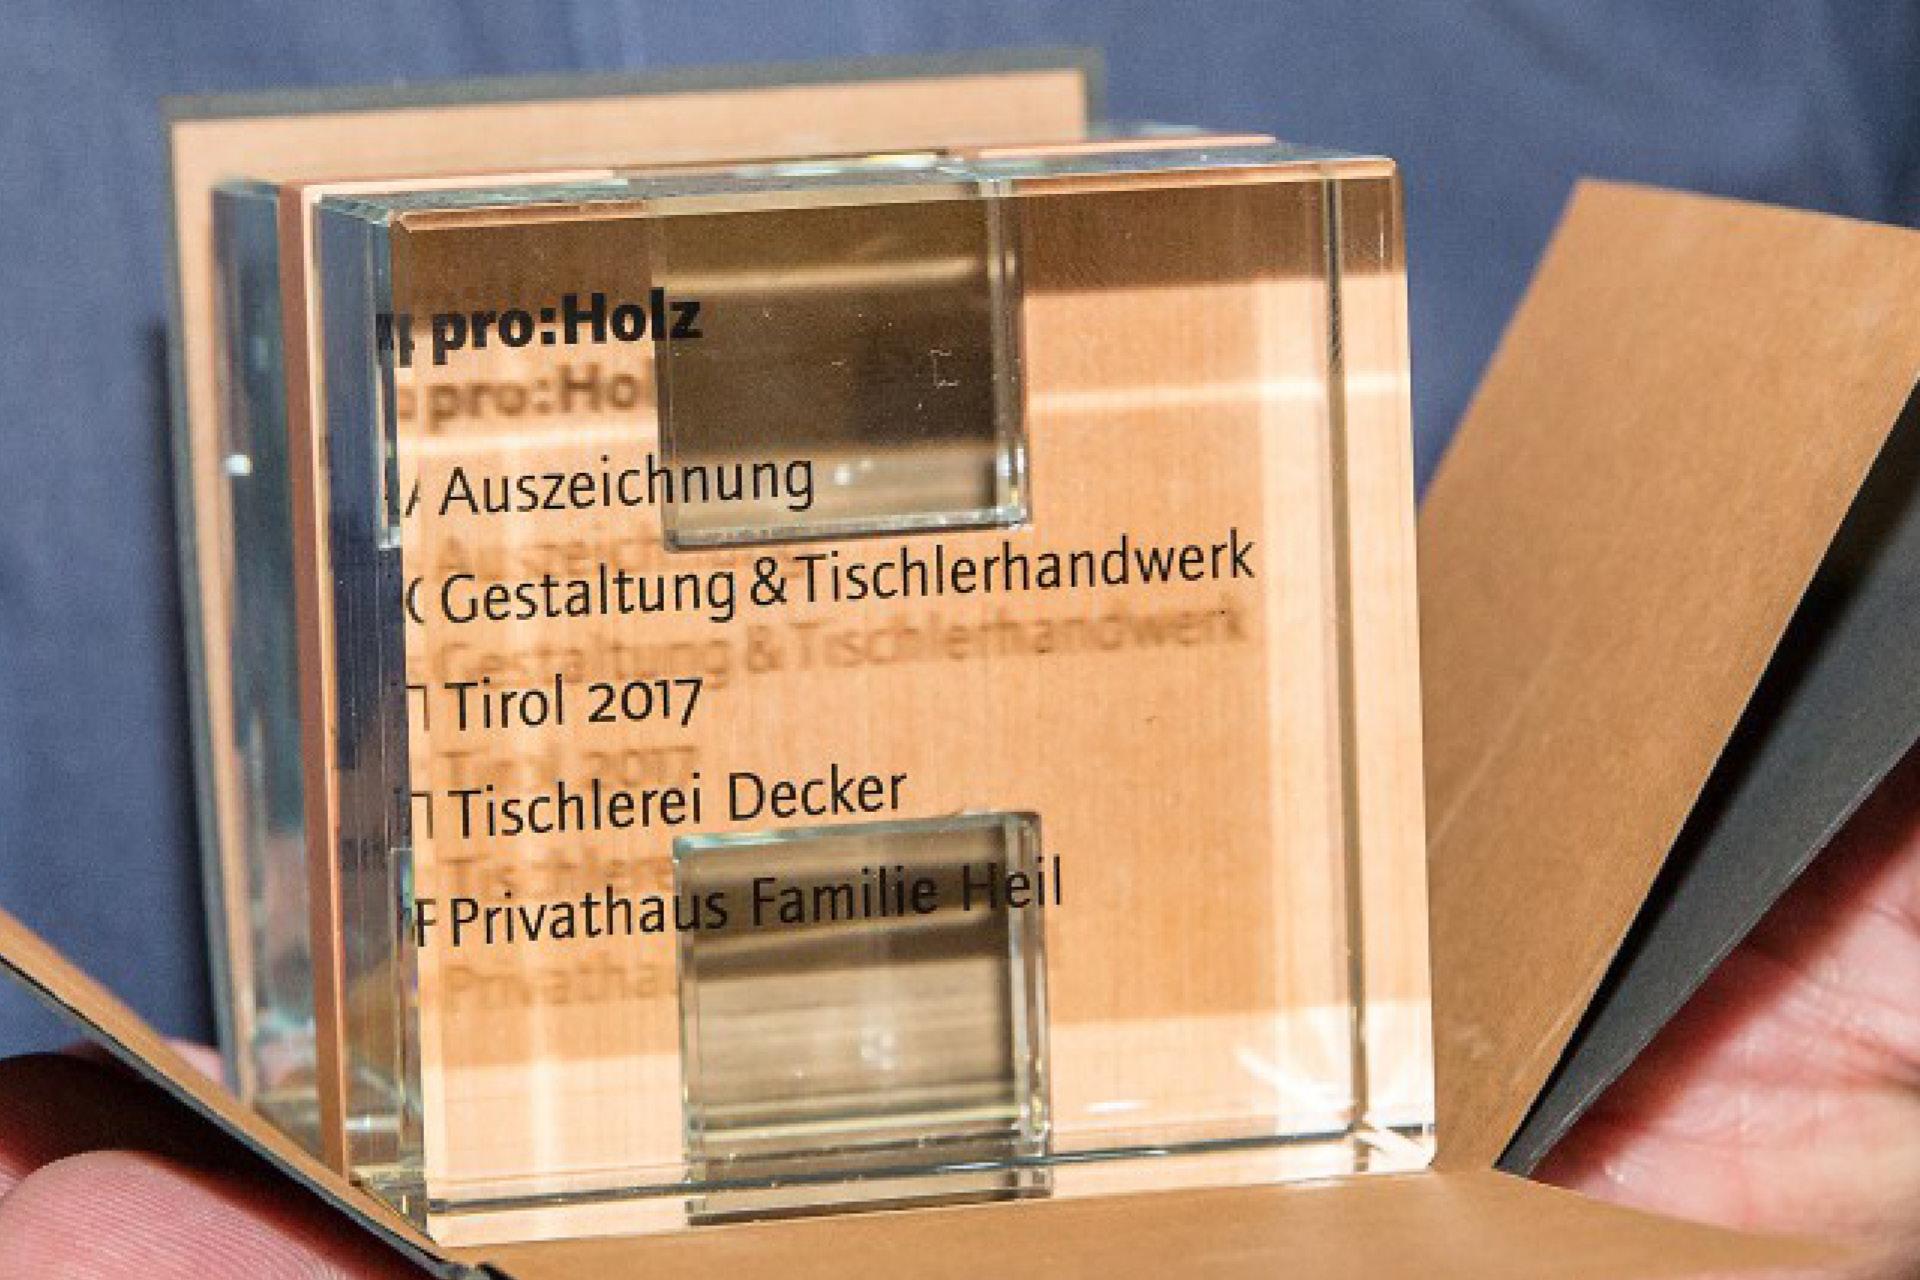 Tischlerei-Decker-Neuigkeiten-Auszeichnung-Gestaltung-und-Tischlerhandwerk-pro-Holz